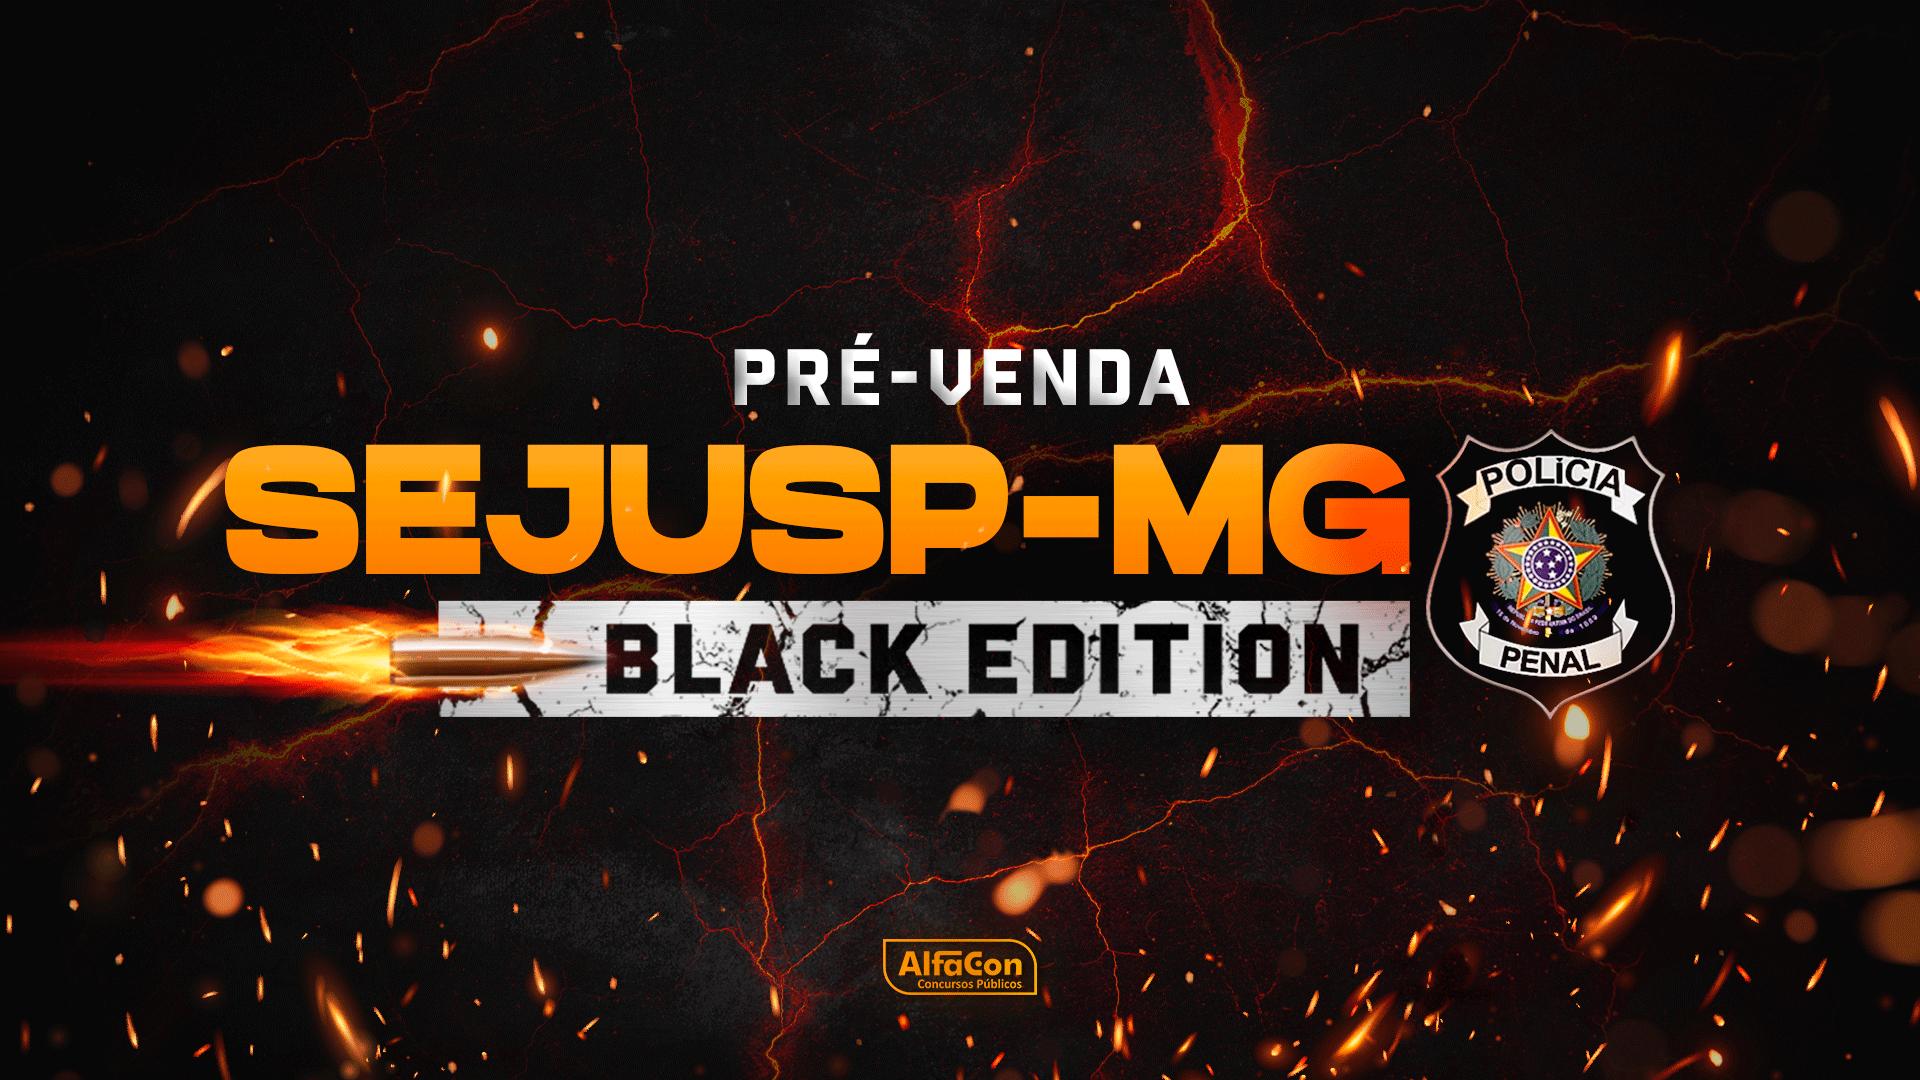 SEJUSP-MG - Black Edition - Polícia Penal de Minas Gerais